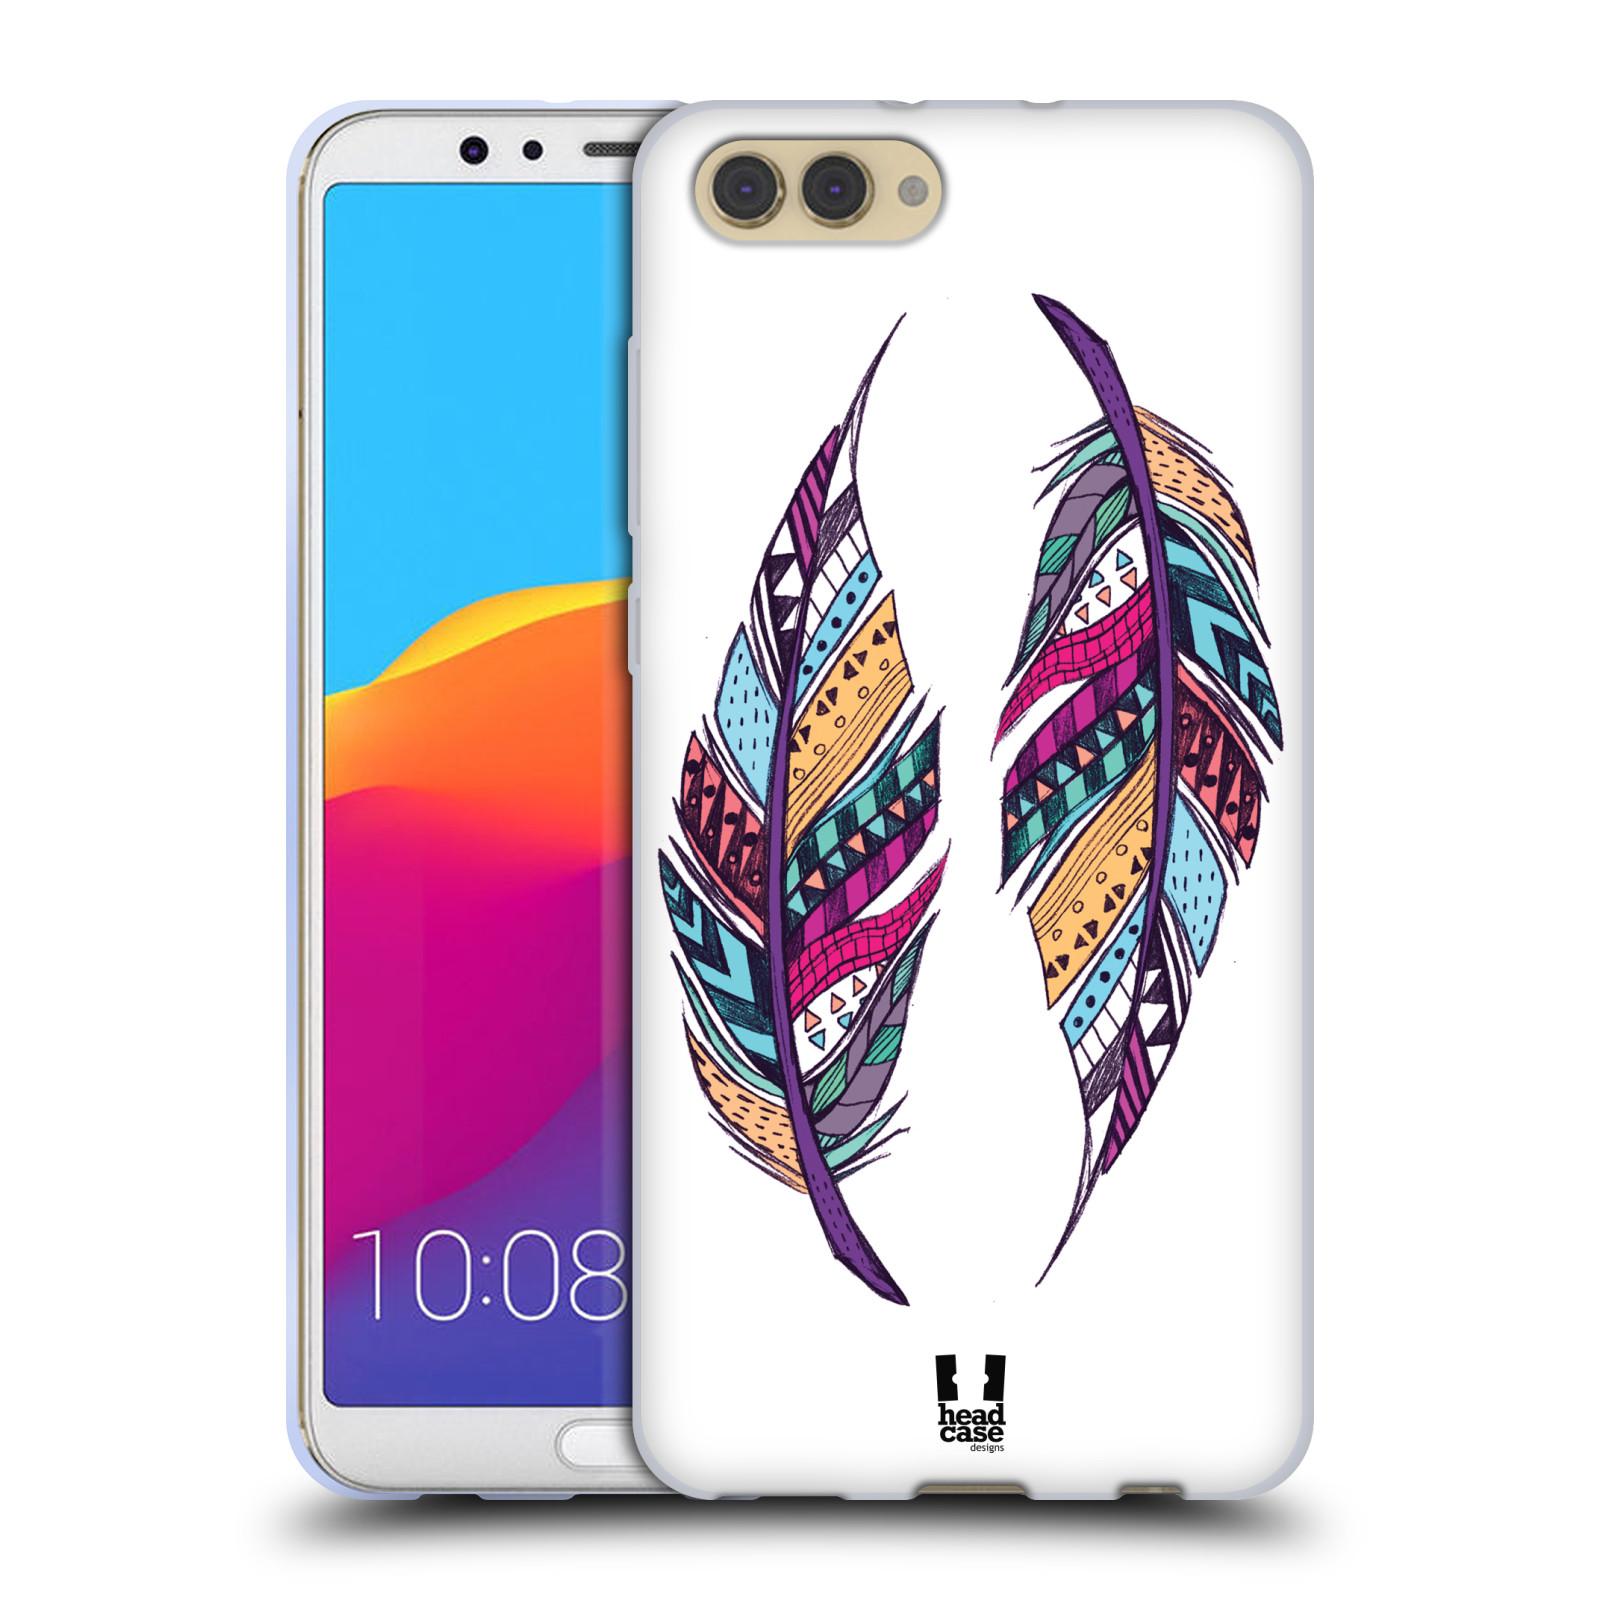 Silikonové pouzdro na mobil Honor View 10 - Head Case - AZTEC PÍRKA